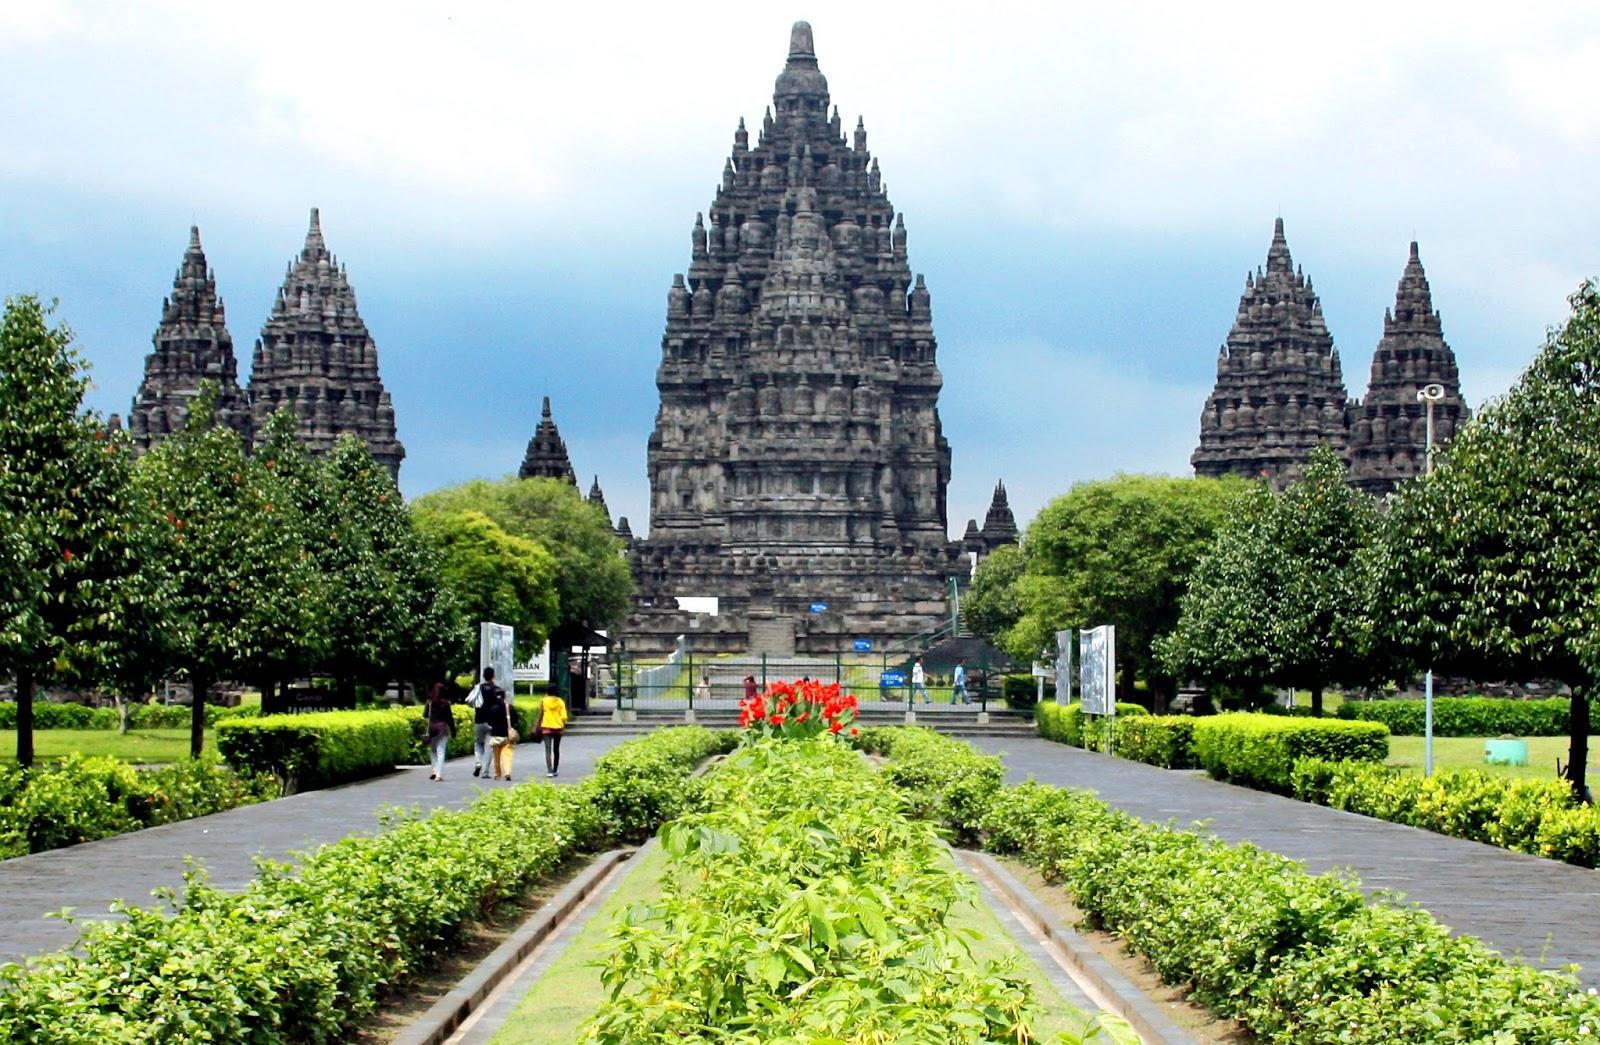 Review Tempat Wisata 3 Hari Di Jogja Kunjungi 7 Tempat Wisata Terpopuler Dan Menarik Di Jogja Ini